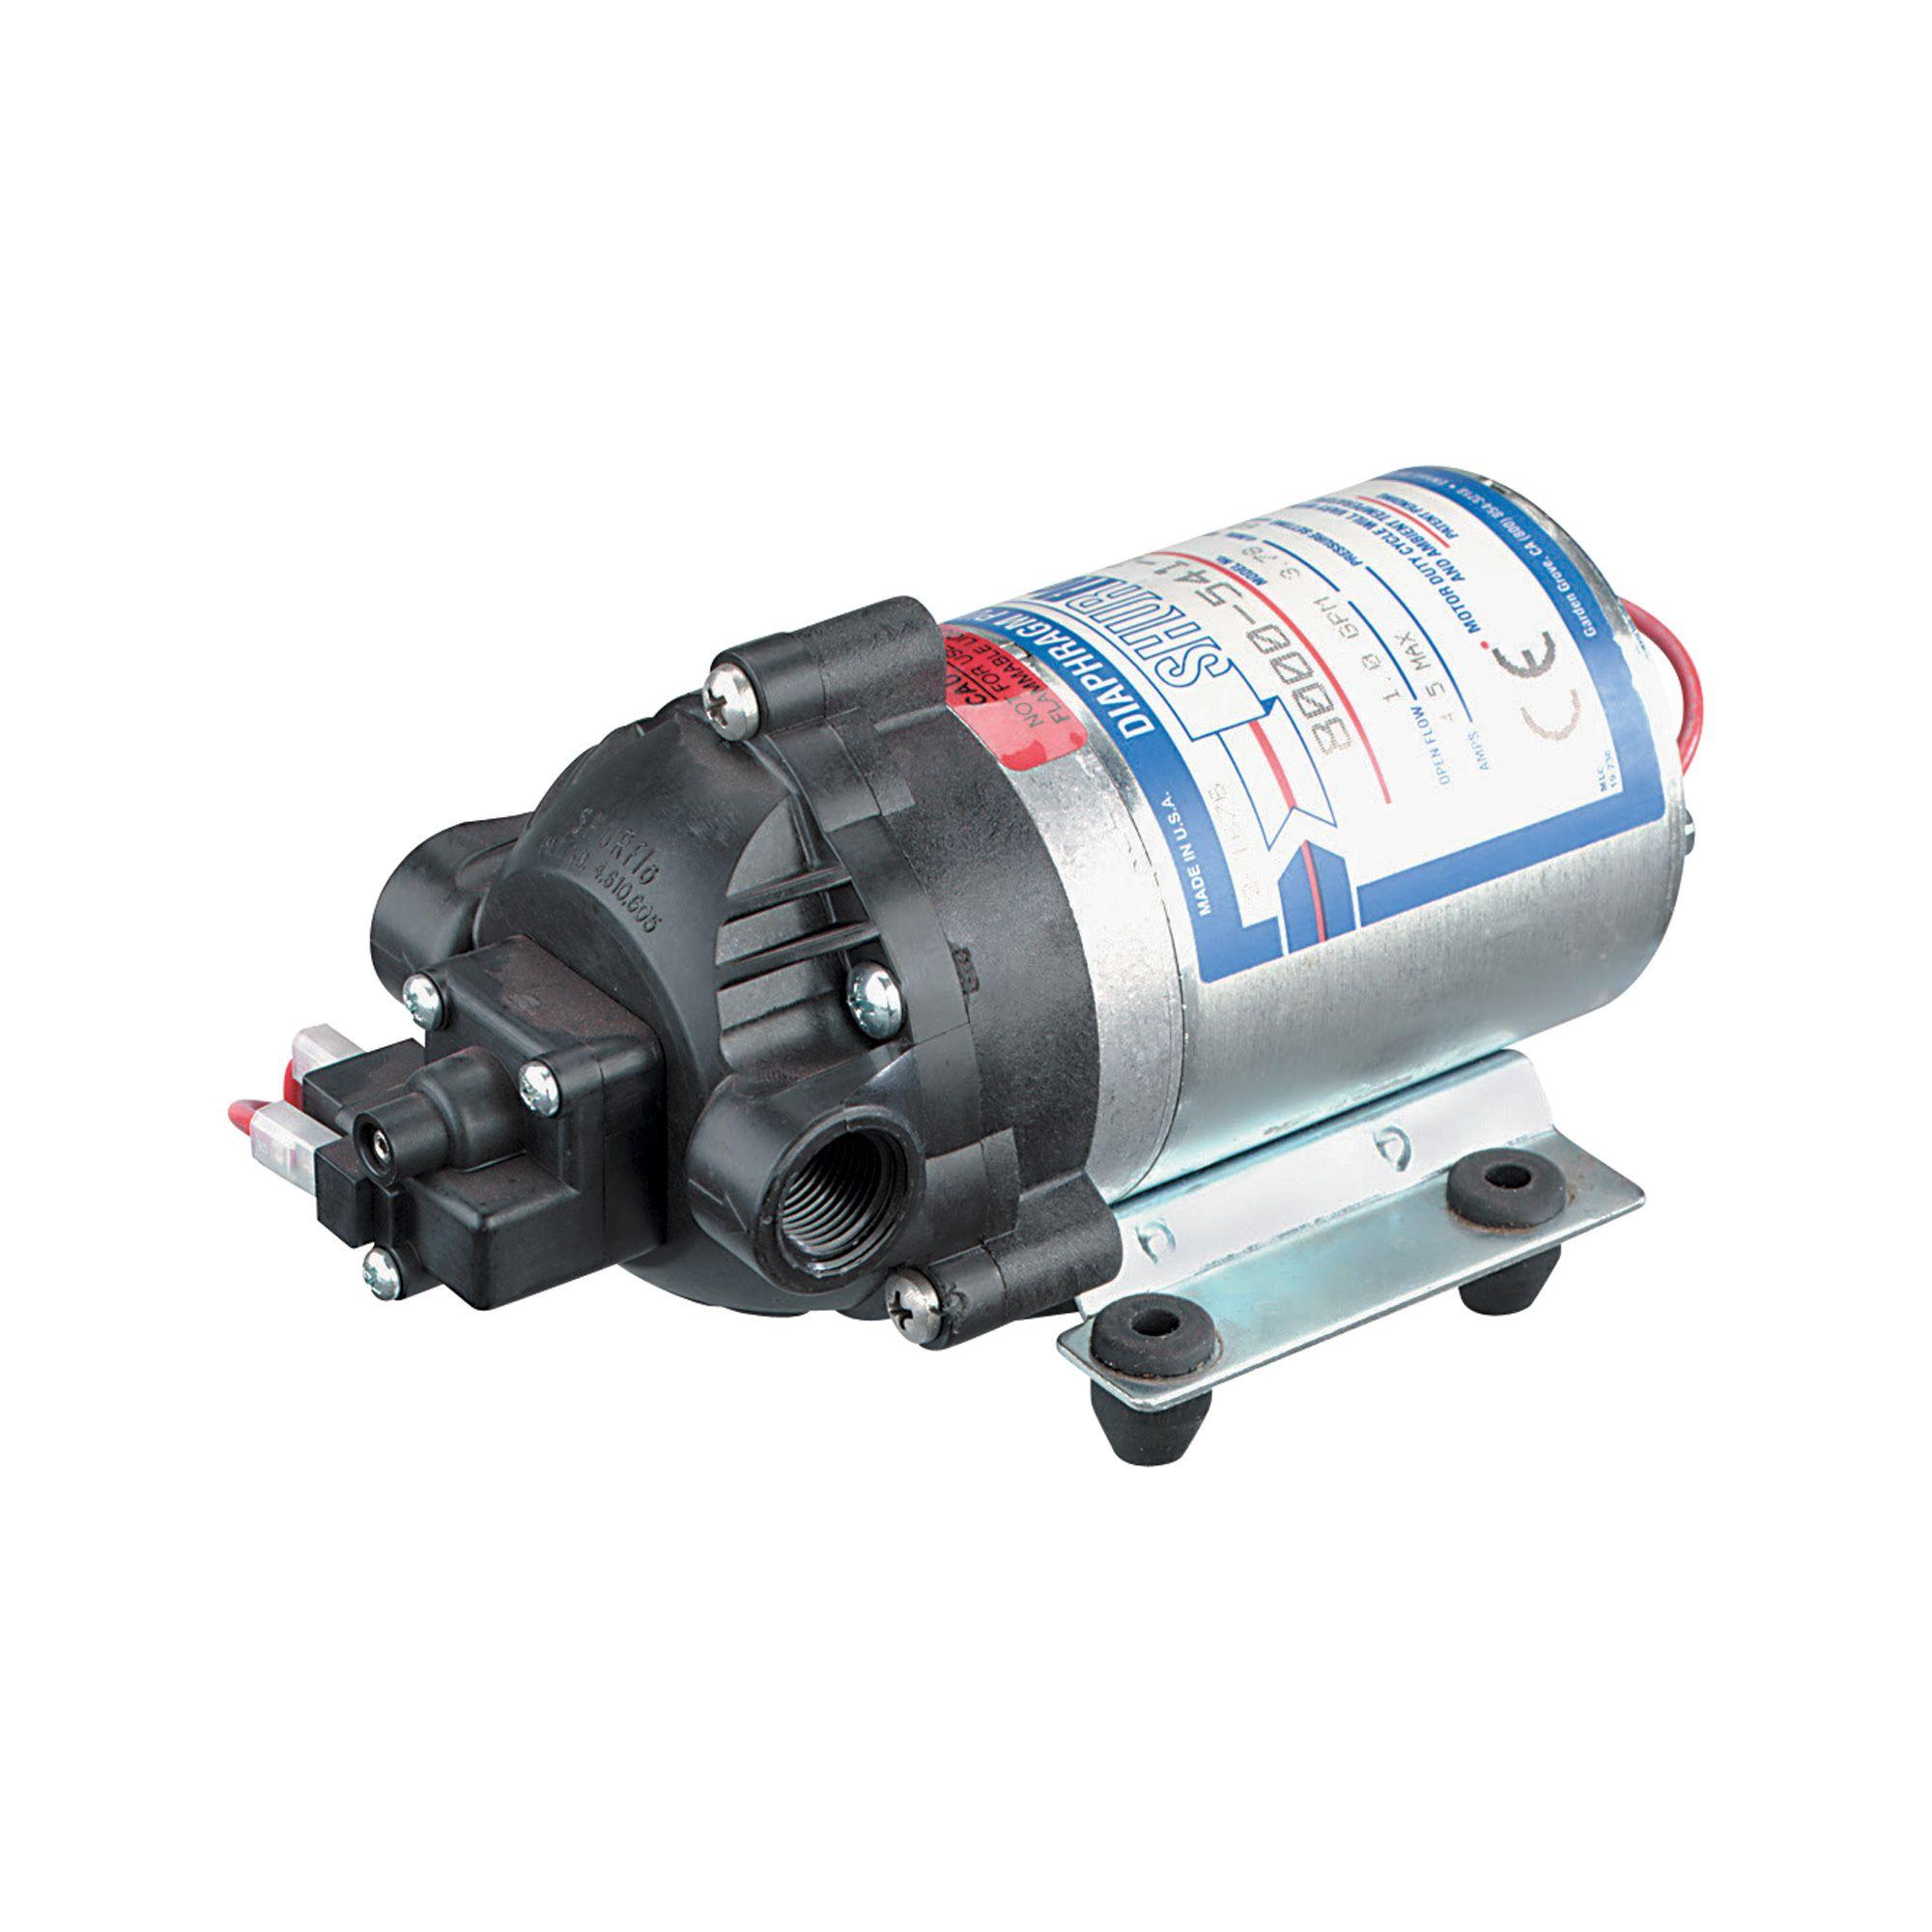 SHURflo On-Demand Sprayer Diaphragm Pump — 1 GPM, 60 PSI, 12